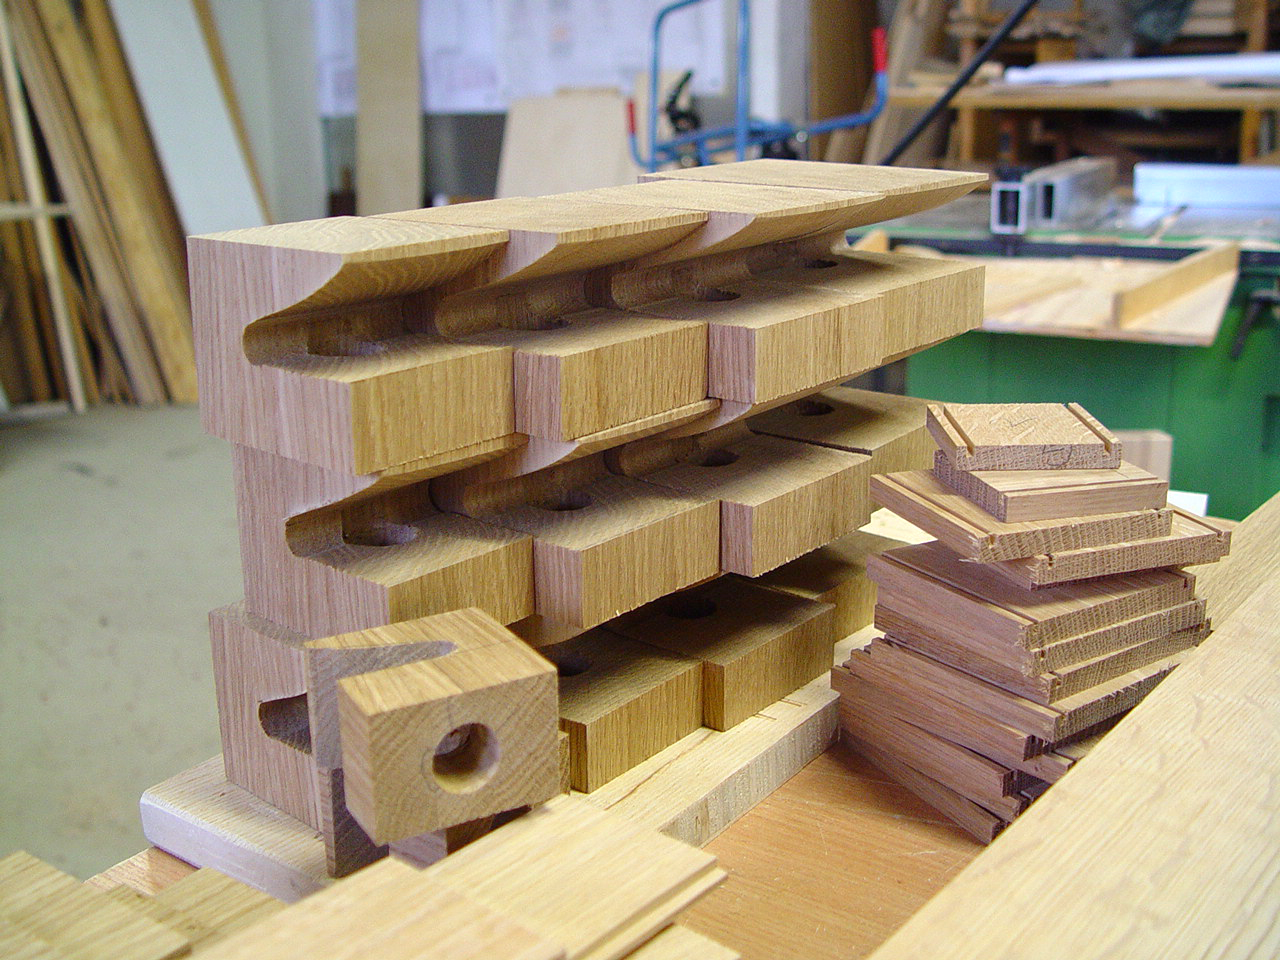 Kerne der Holzpfeifen